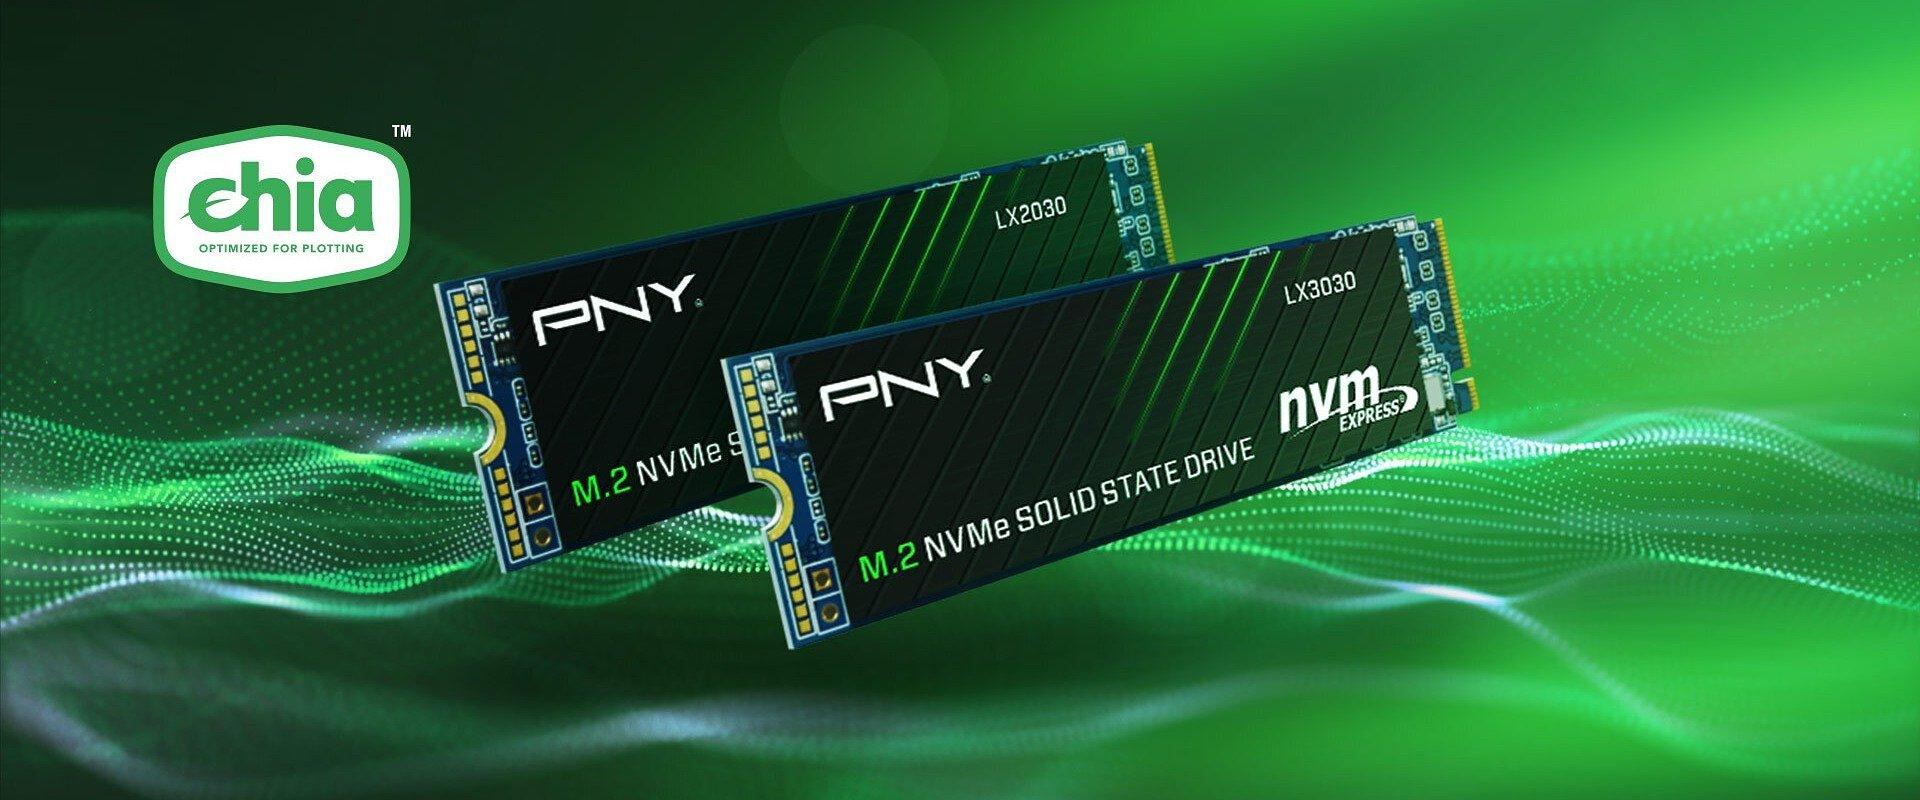 Dyski SSD PNY LX2030 i LX3030 M.2 NVMe Gen3 x4 - większa wytrzymałość dla twoich potrzeb w zakresie plotowania Chia® Coin